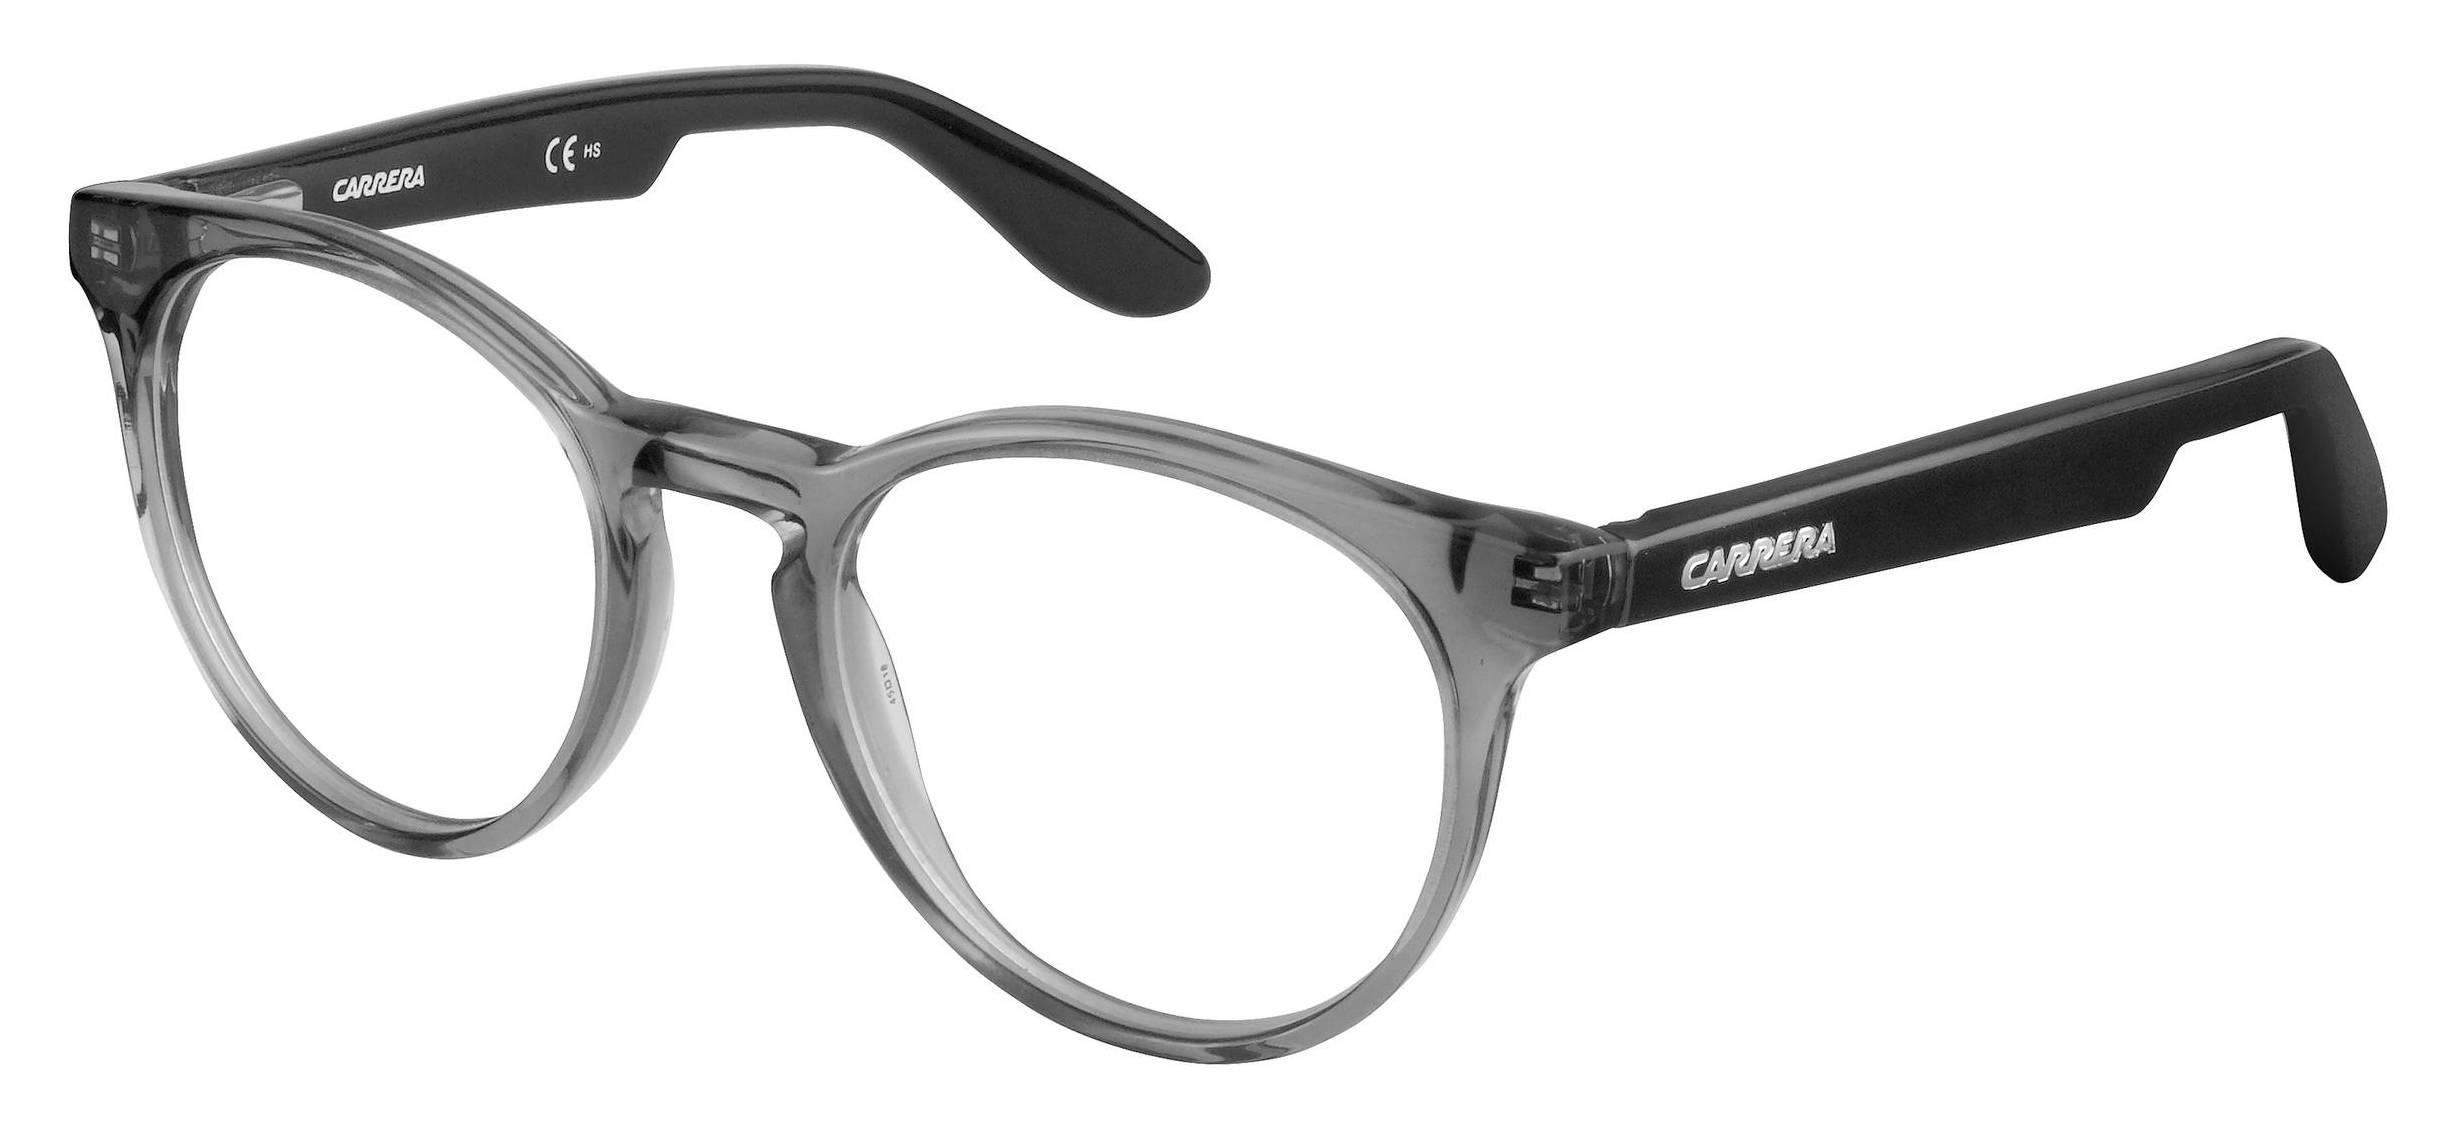 ff3e0b6f7f9 Kids Glasses - Optiwow